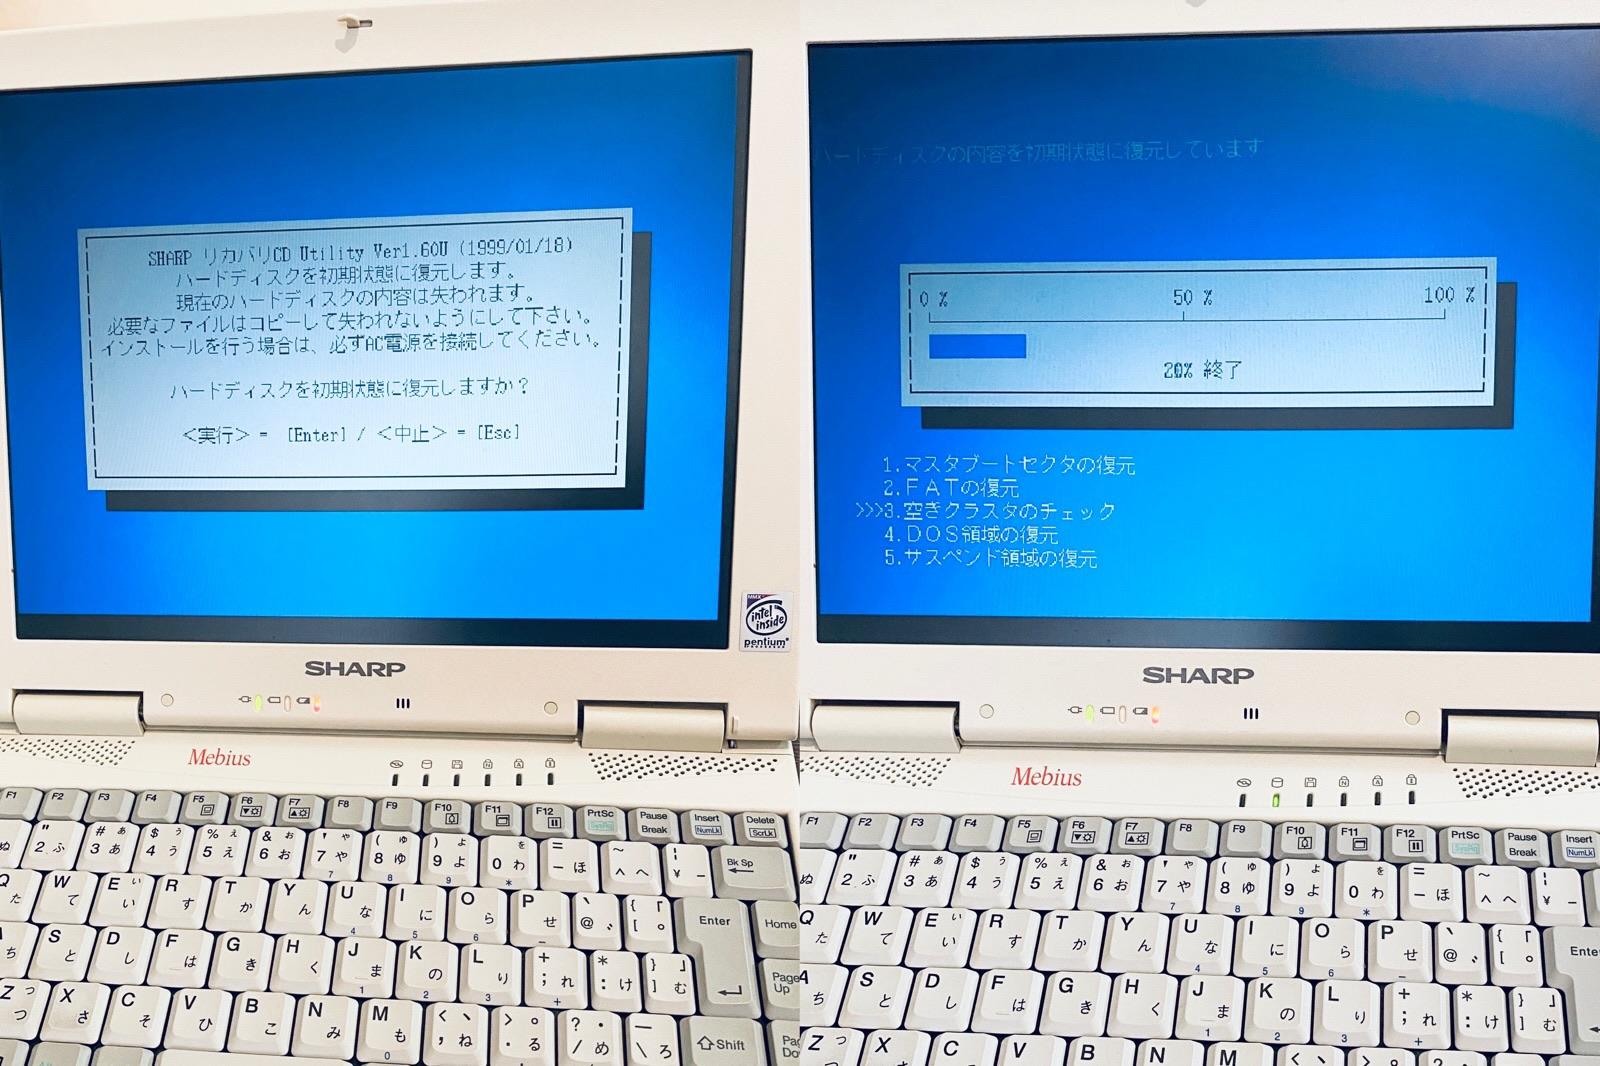 最初からリカバリをやりなおし。フロッピーディスクいれっぱなしで続けてみたら進んだ。ハードディスクを初期状態に復元する。 https://t.co/n3XgD2vRr7